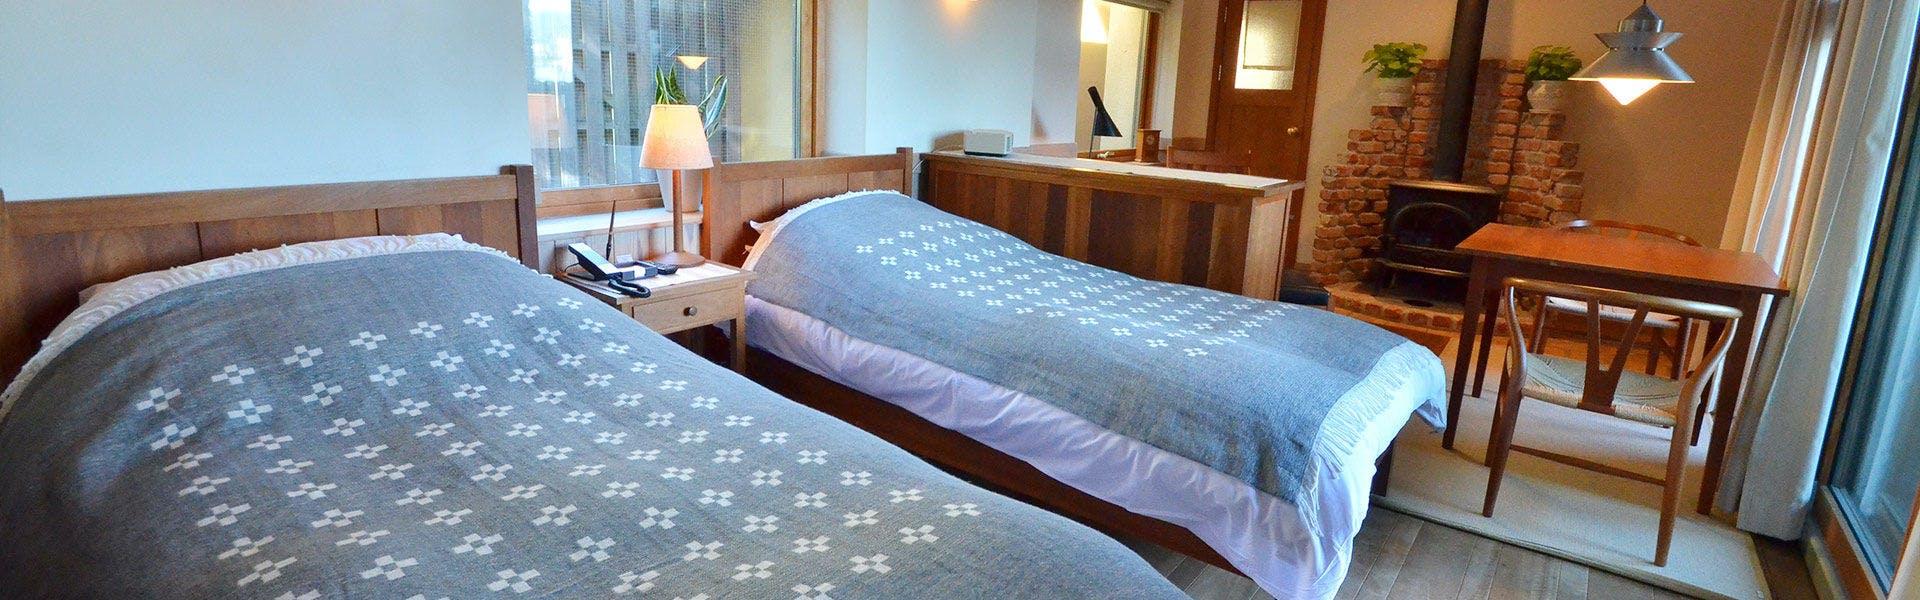 記念日におすすめのホテル・懐石宿 扇屋の写真3